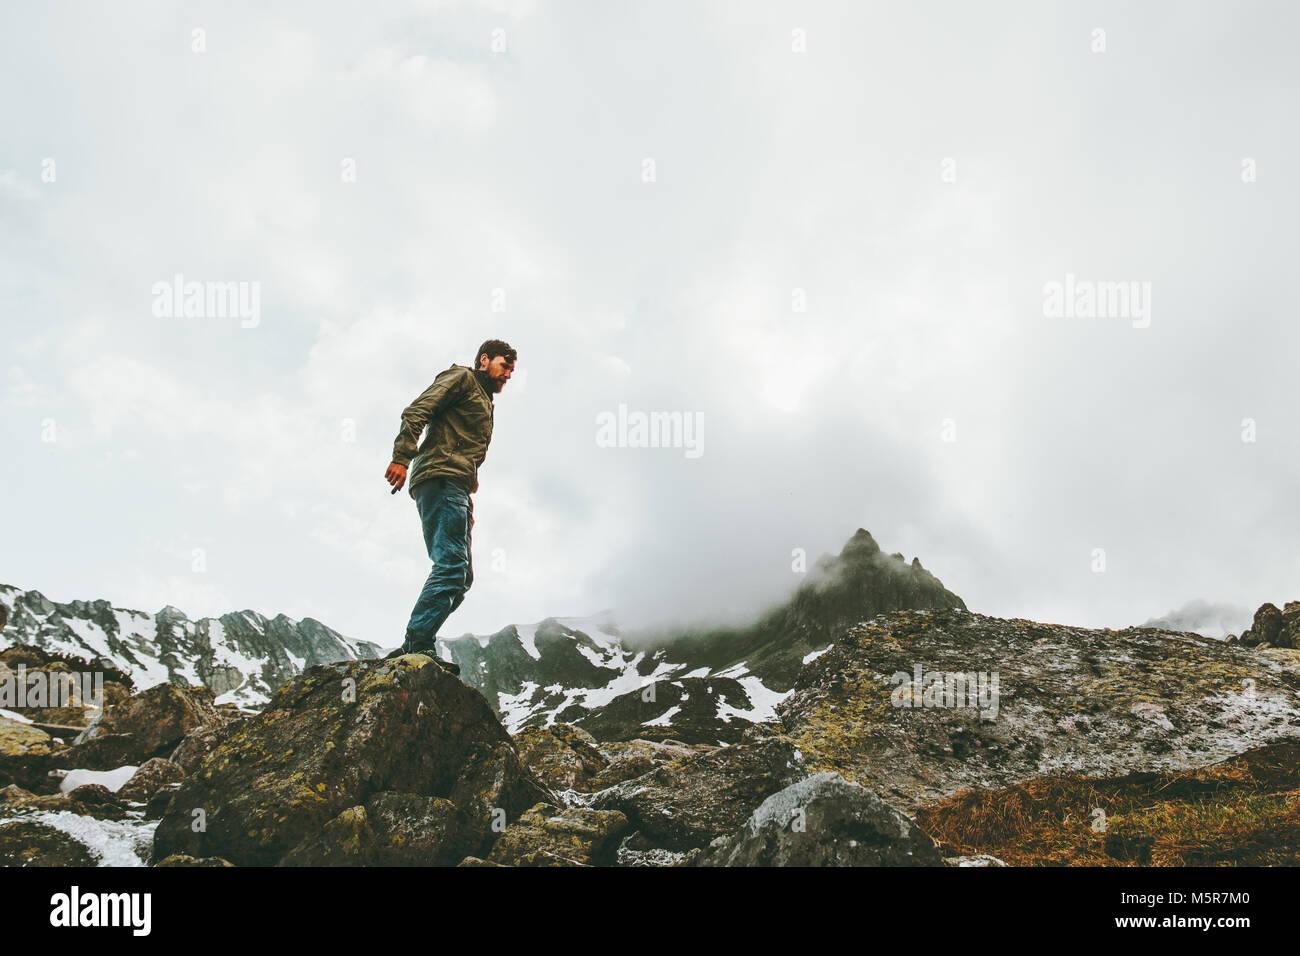 Meilleur homme debout seul dans les montagnes brumeuses de vie Voyage aventure concept émotionnel survie vacances Banque D'Images